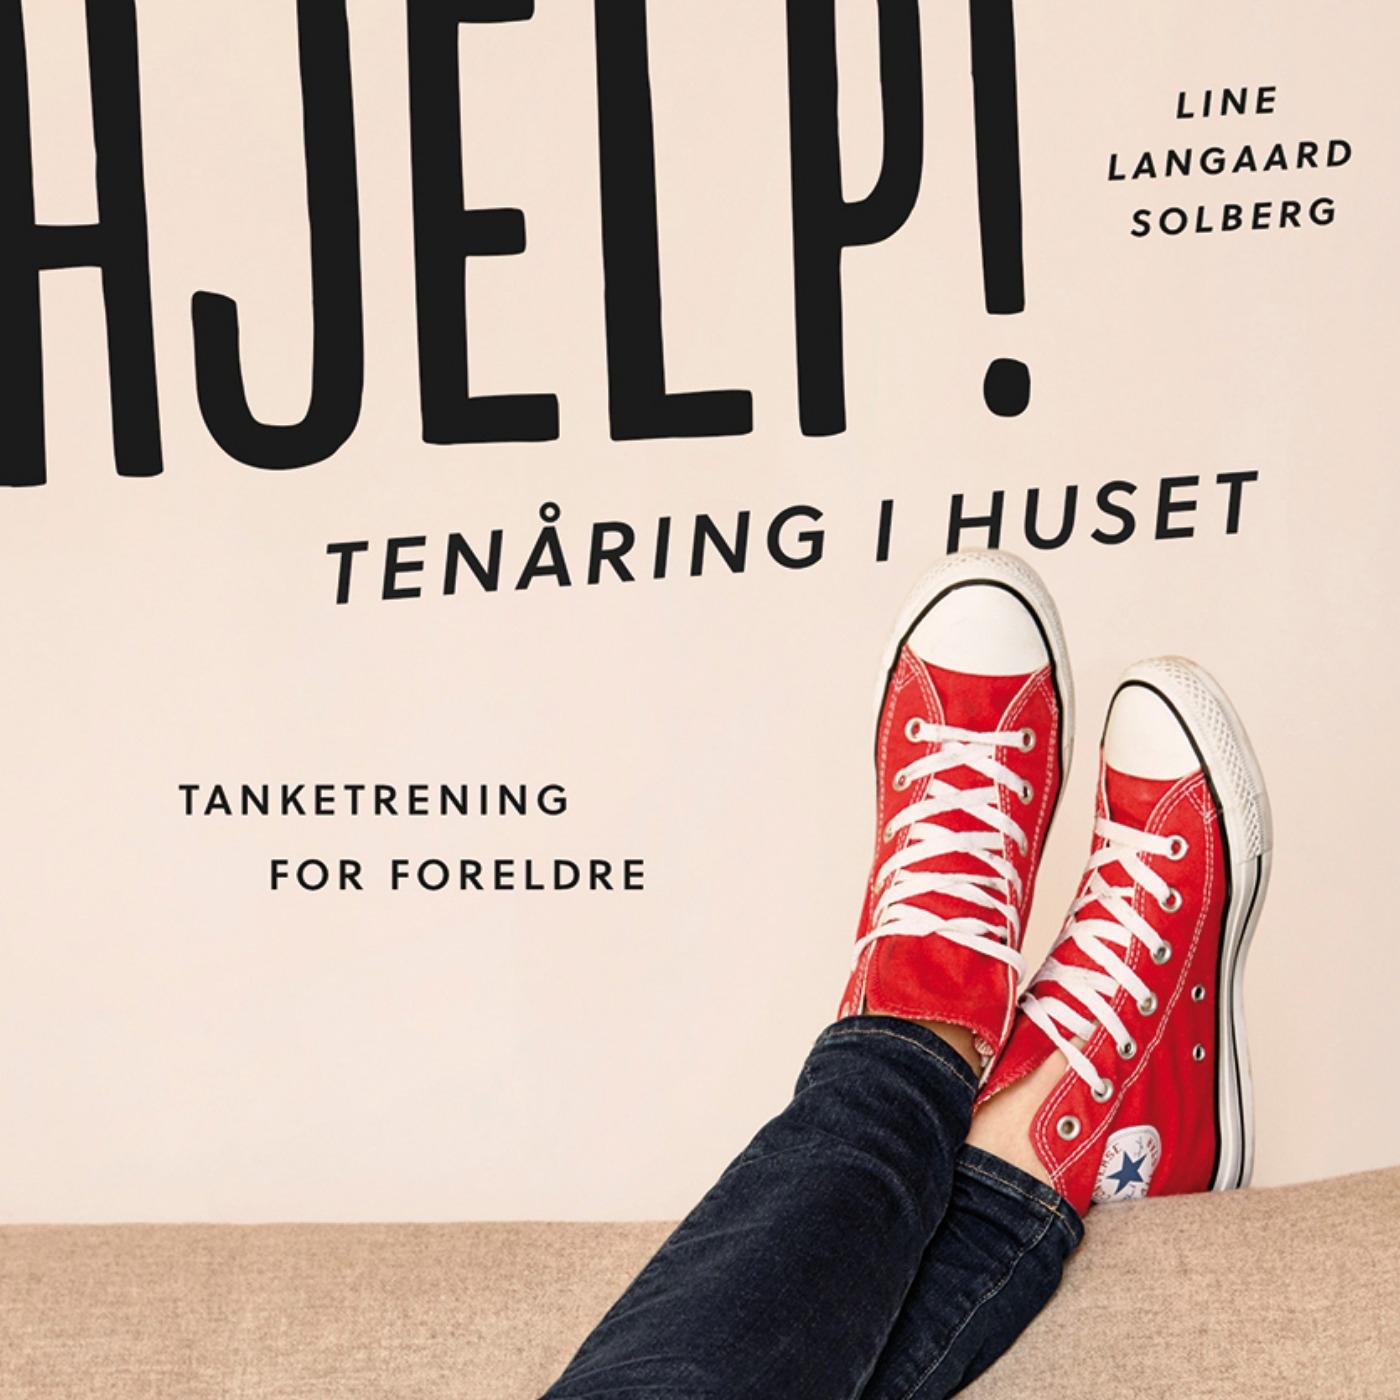 Hjelp! Tenåring i huset med Line Langaard Solberg